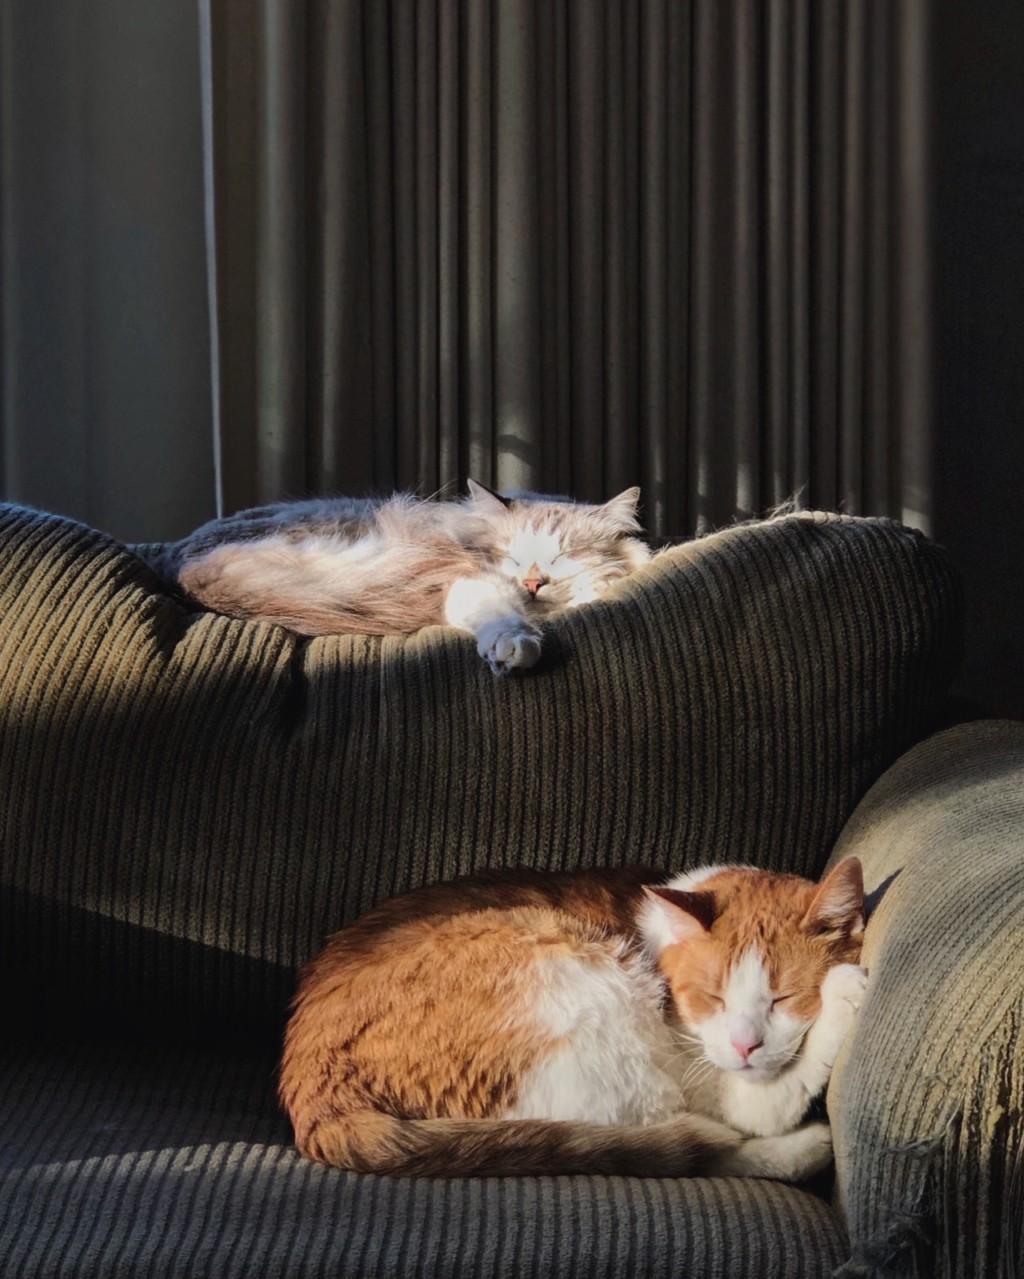 為租房與毛孩分離?議員提案房東「禁房客養寵物」違法!